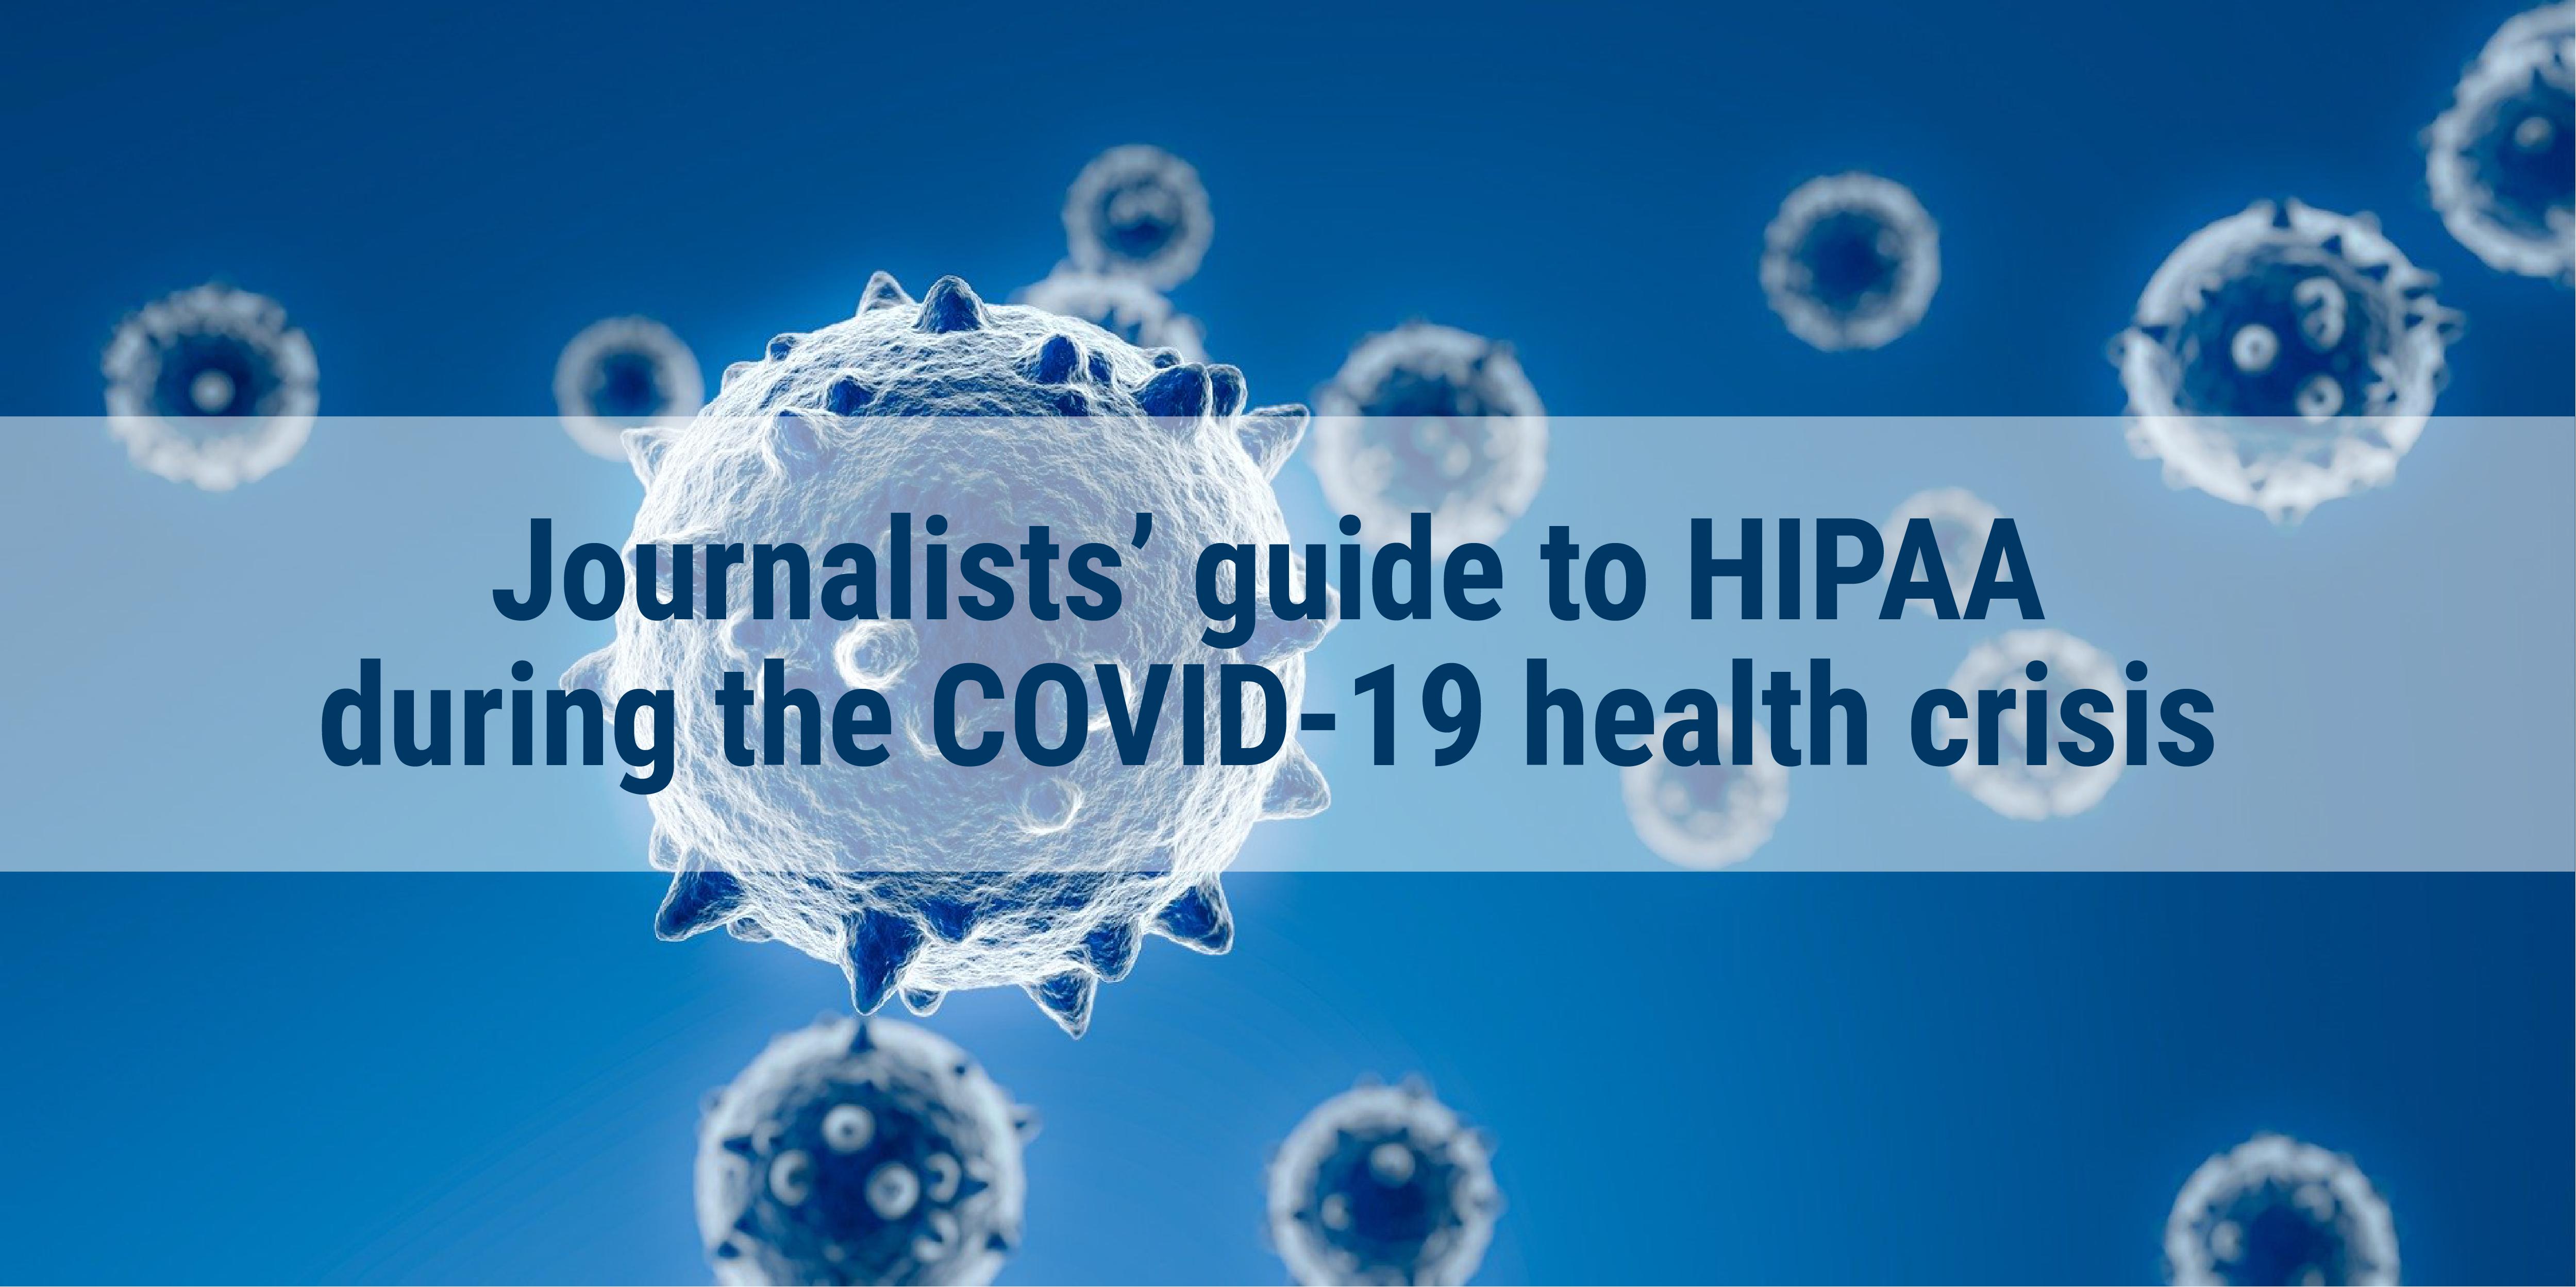 COVID HIPPA guide image